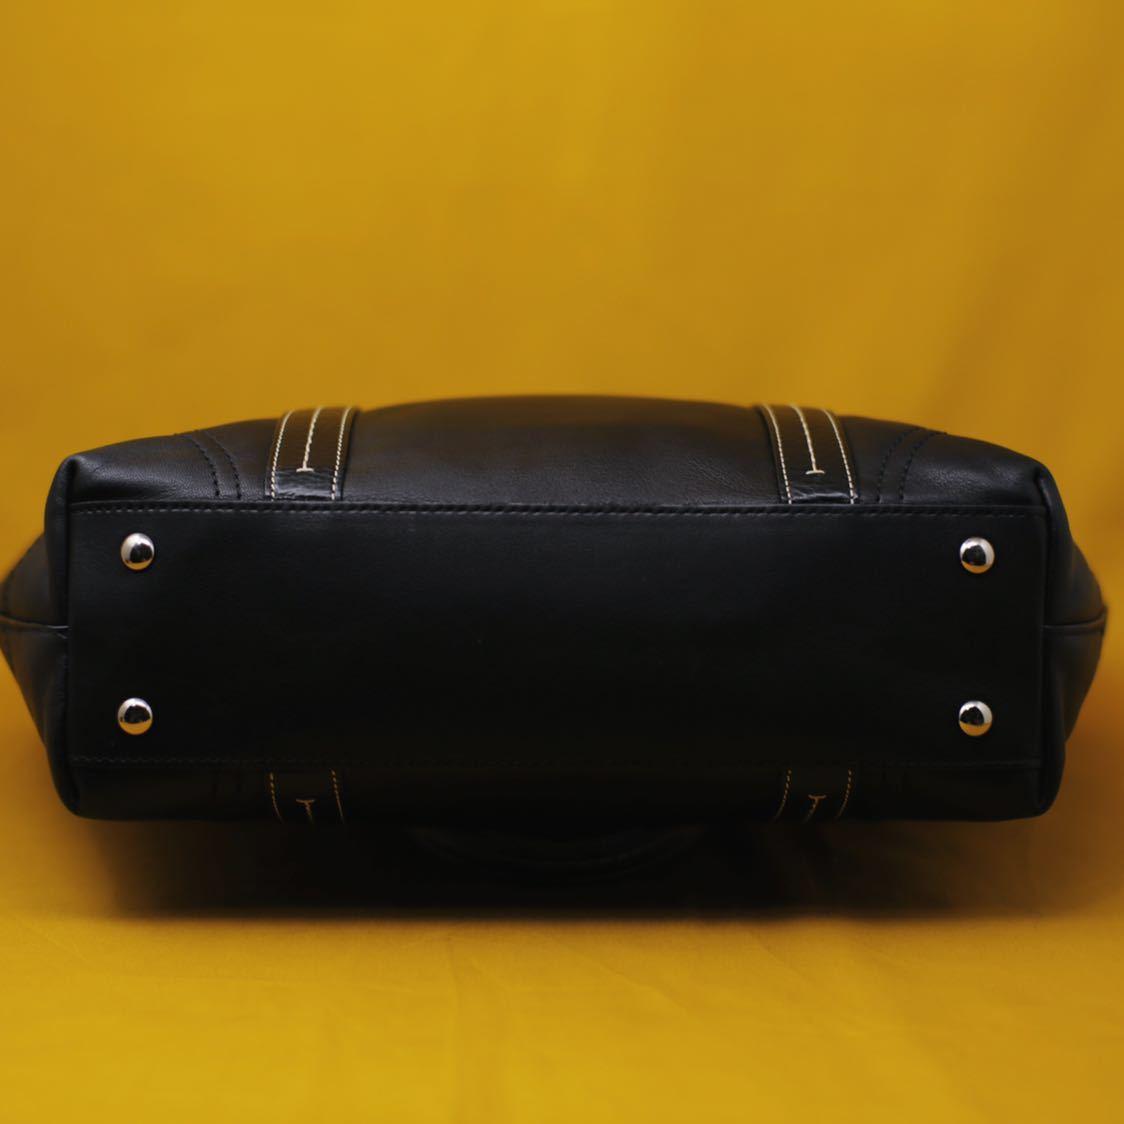 未使用品 美品 コーチ COACH トートバッグ バッグ ビジネスバッグ 黒 ブラック レザー メンズバッグ 革 14万 オールドコーチ ビンテージ _画像6